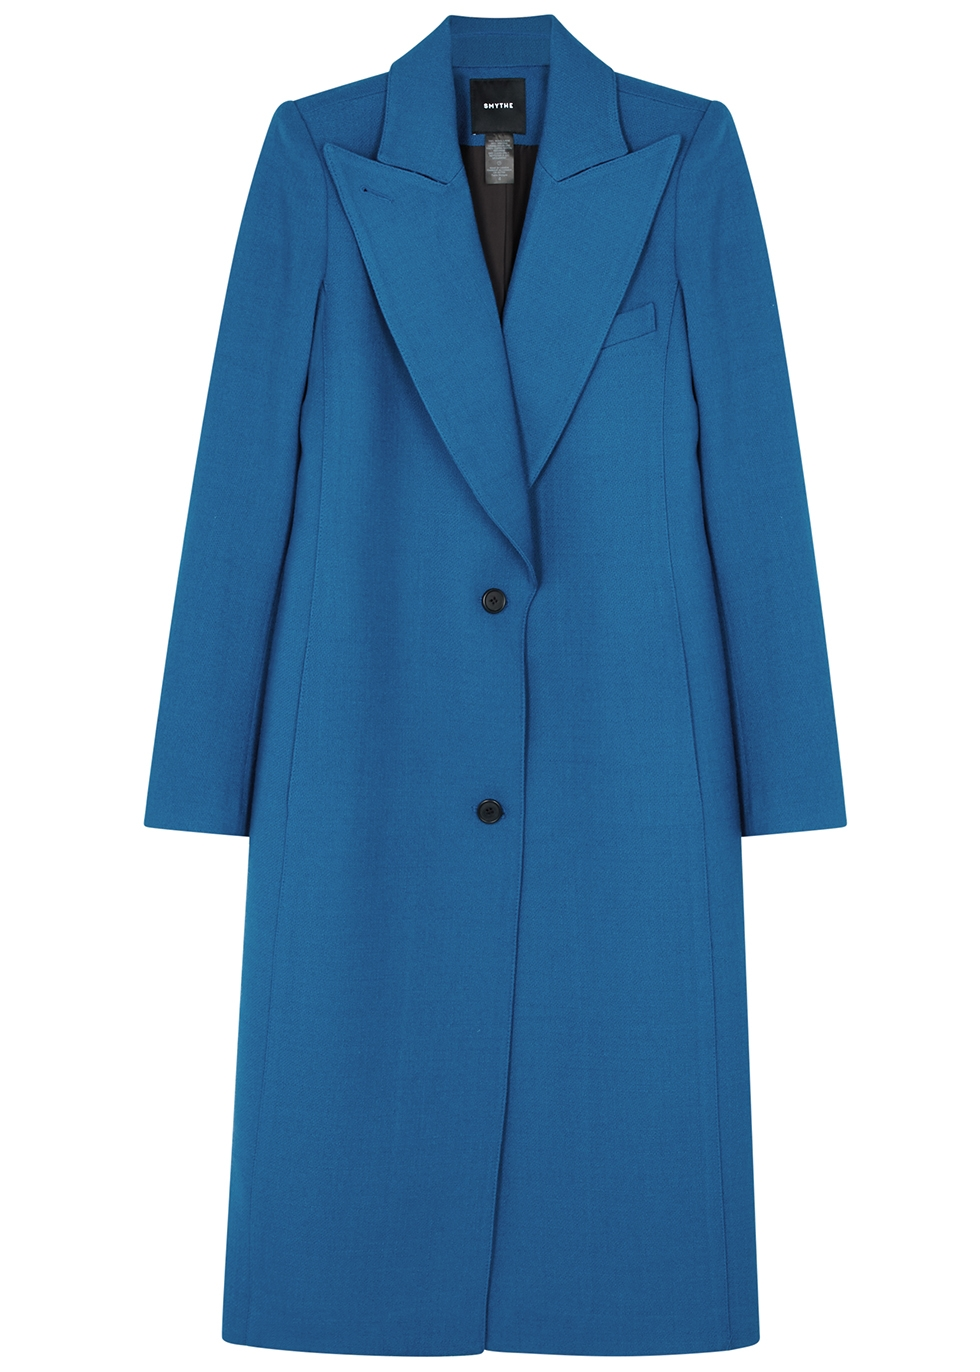 Blue wool-blend coat - Smythe